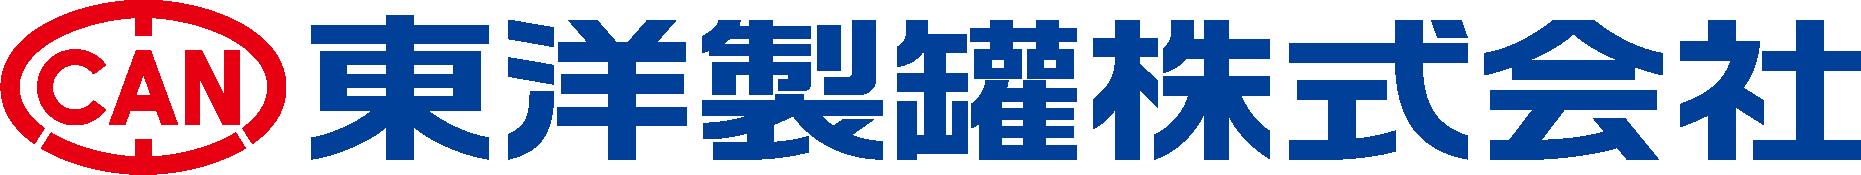 大阪府泉佐野市 東洋製罐株式会社大阪工場  様